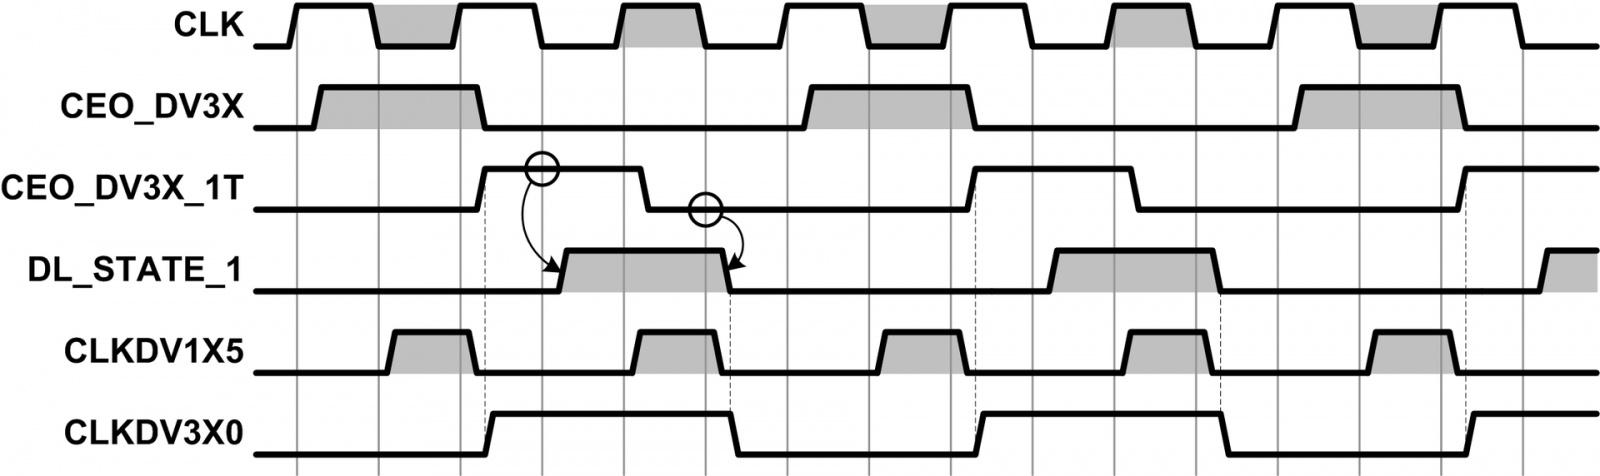 Организация делителя частоты с дробным коэффициентом деления в объёме ПЛИС - 3